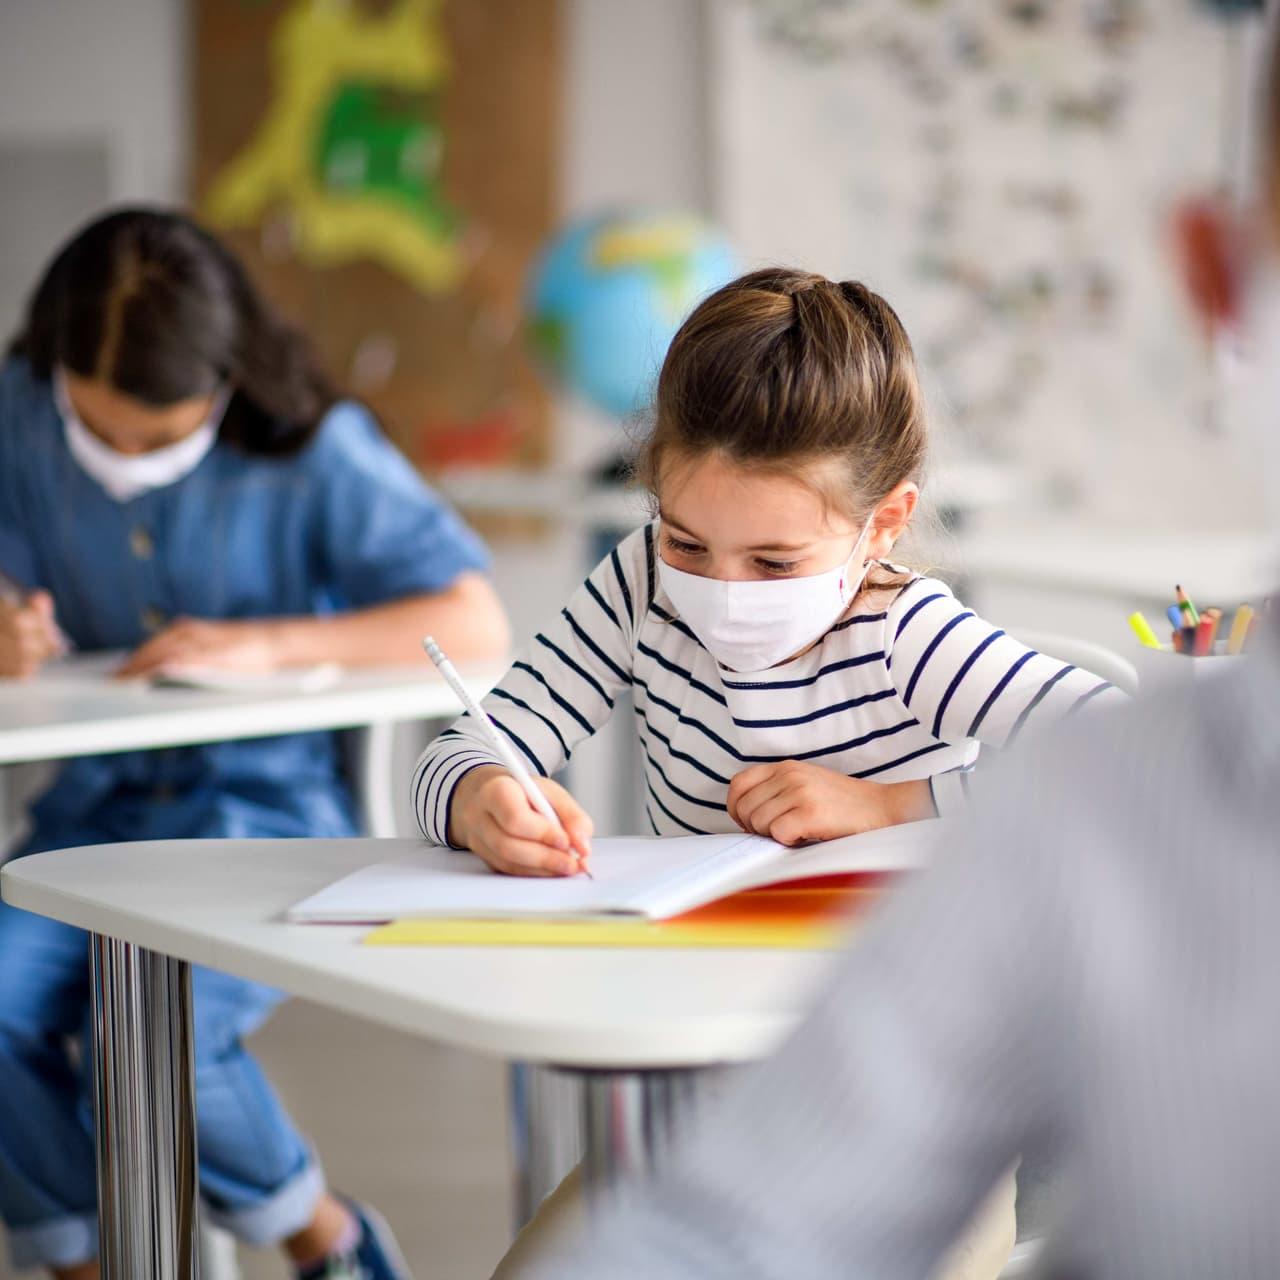 【感染予防・学力向上・教員の働き方改革】何のための「少人数学級」かを本気で議論すべき